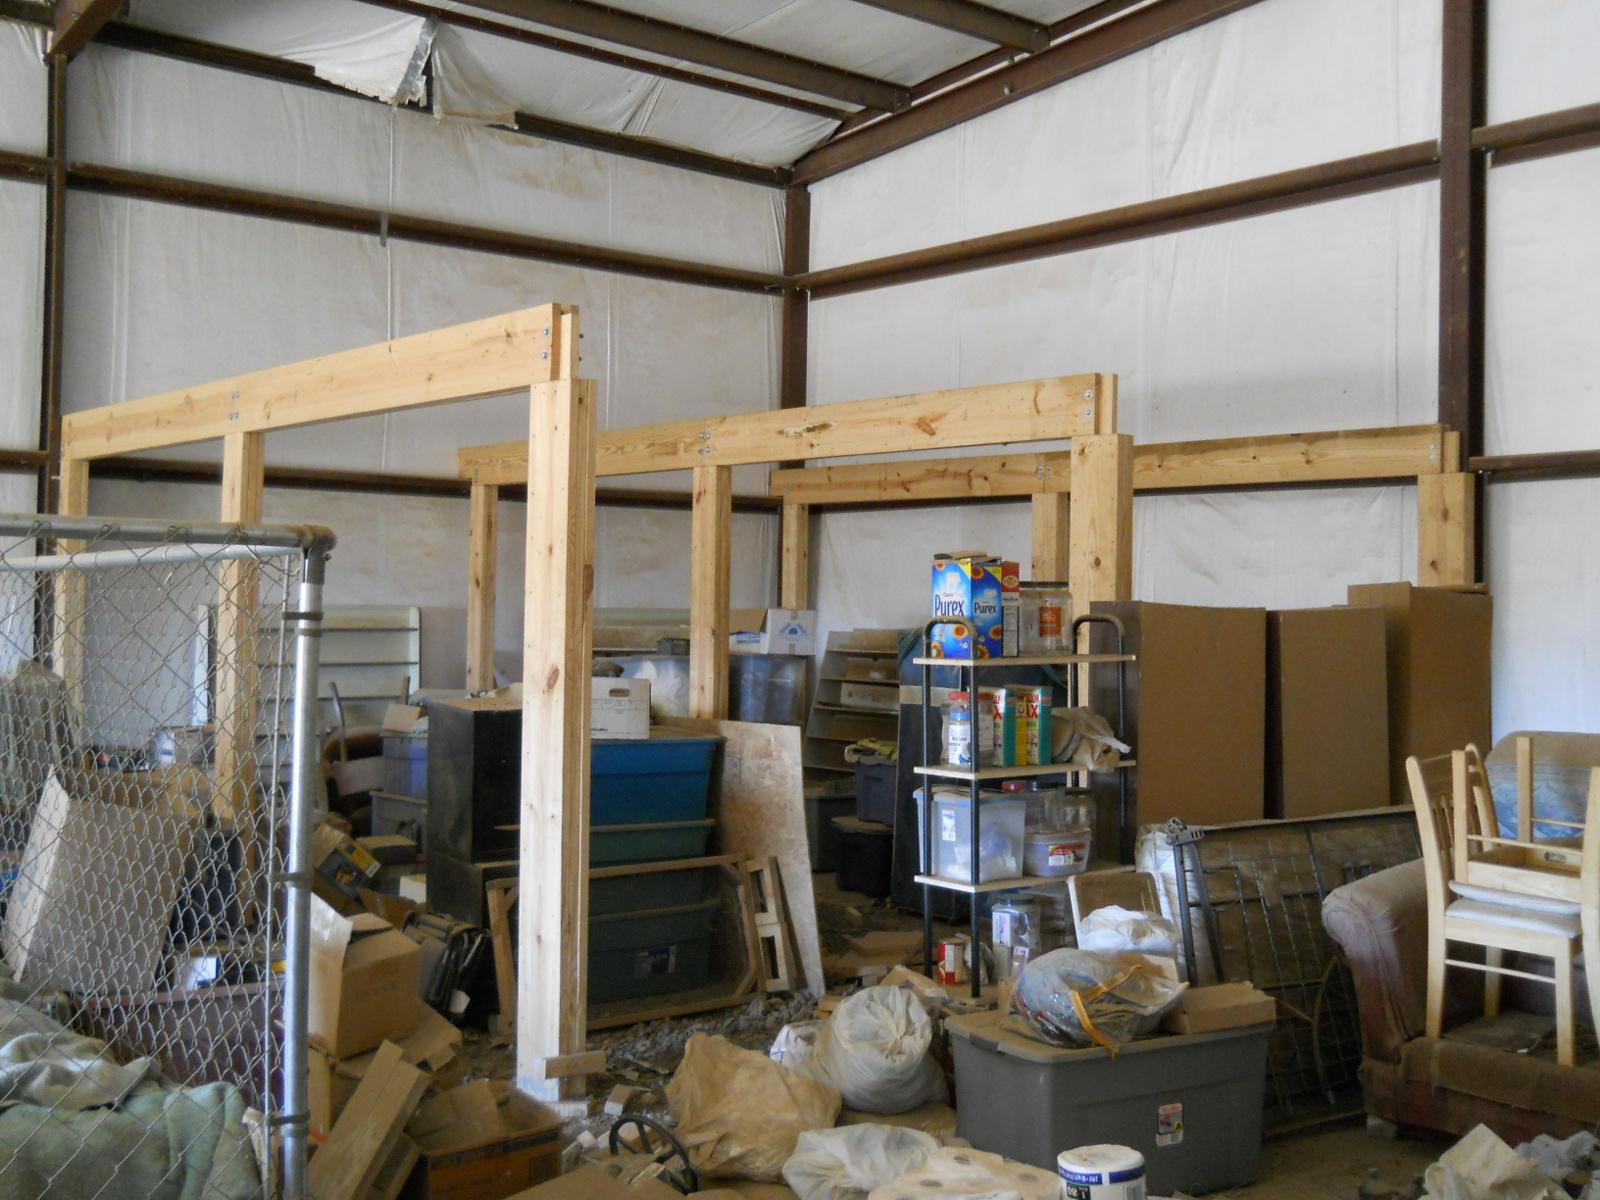 28 pin barn loft on pinterest pin barn loft on for Loft barn